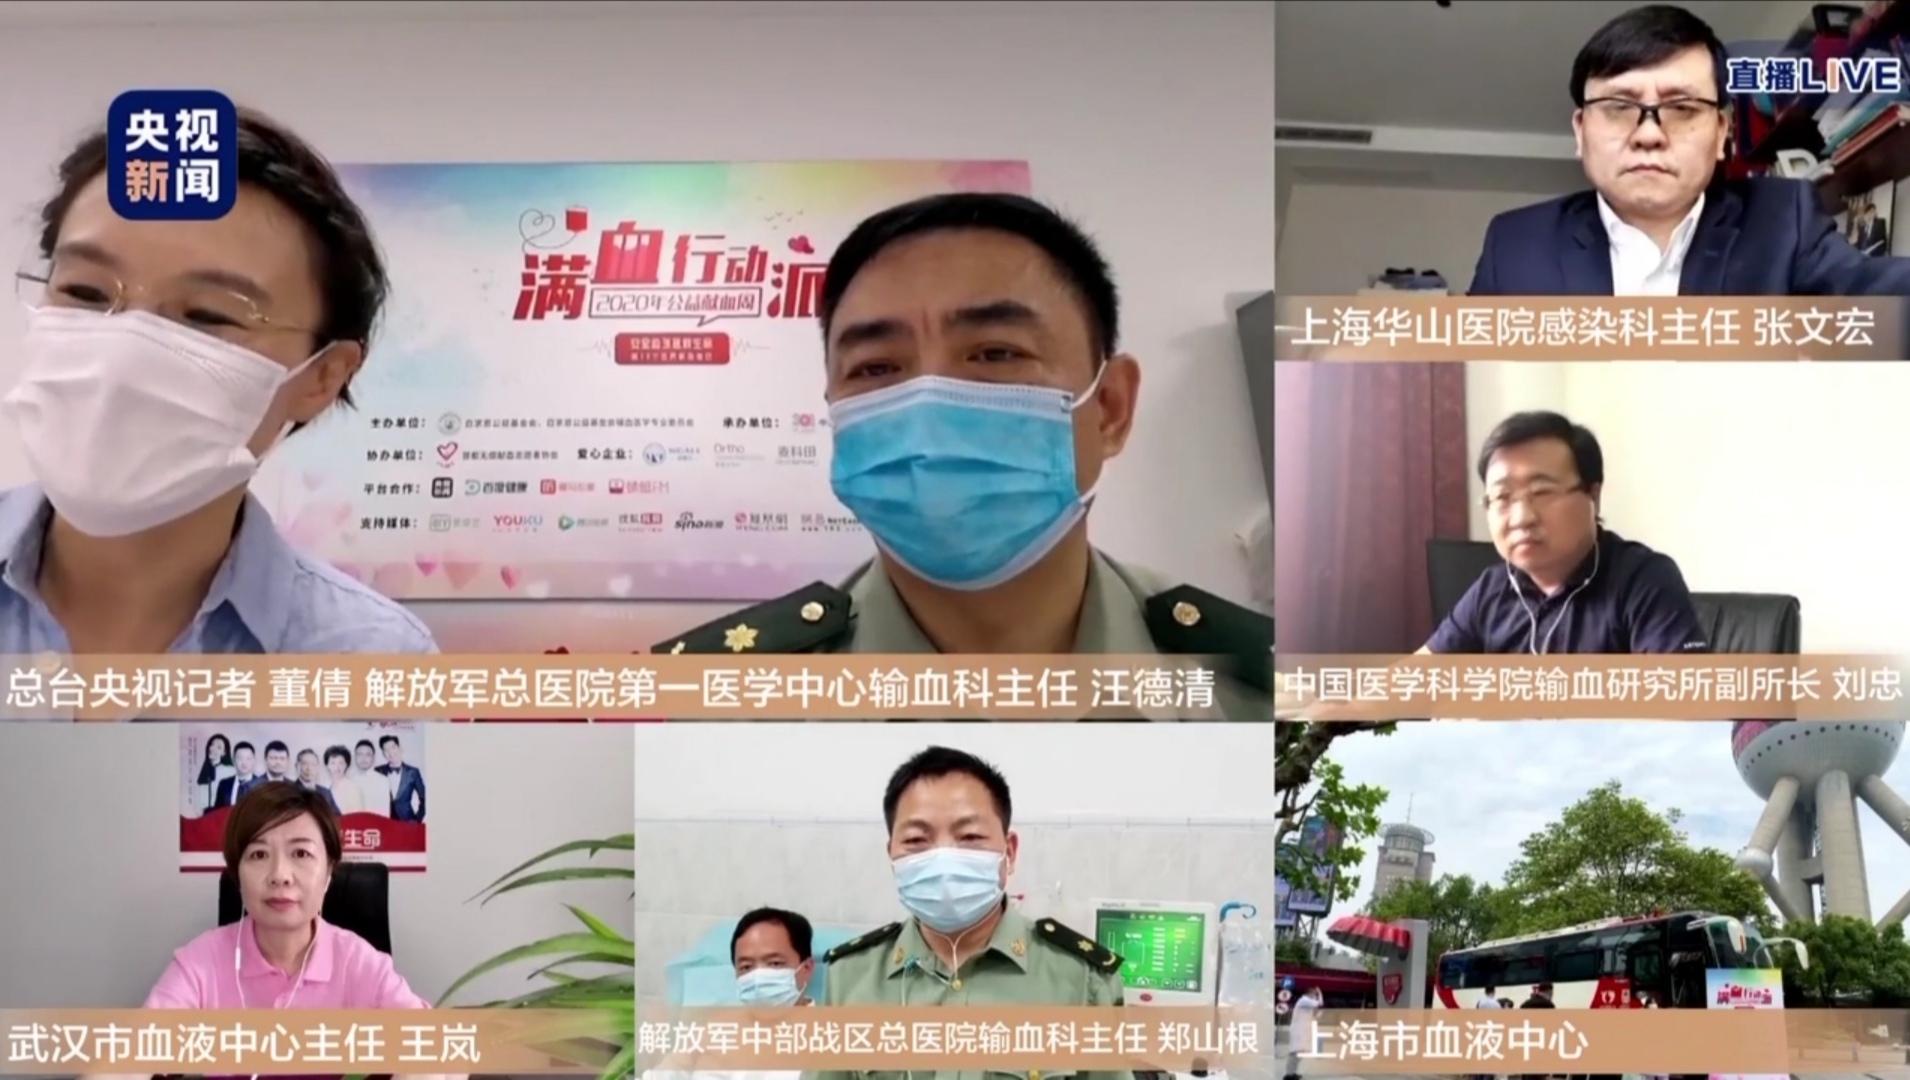 2020年世界献血者日,董倩独家对话张文宏、刘忠、王岚、郑山根